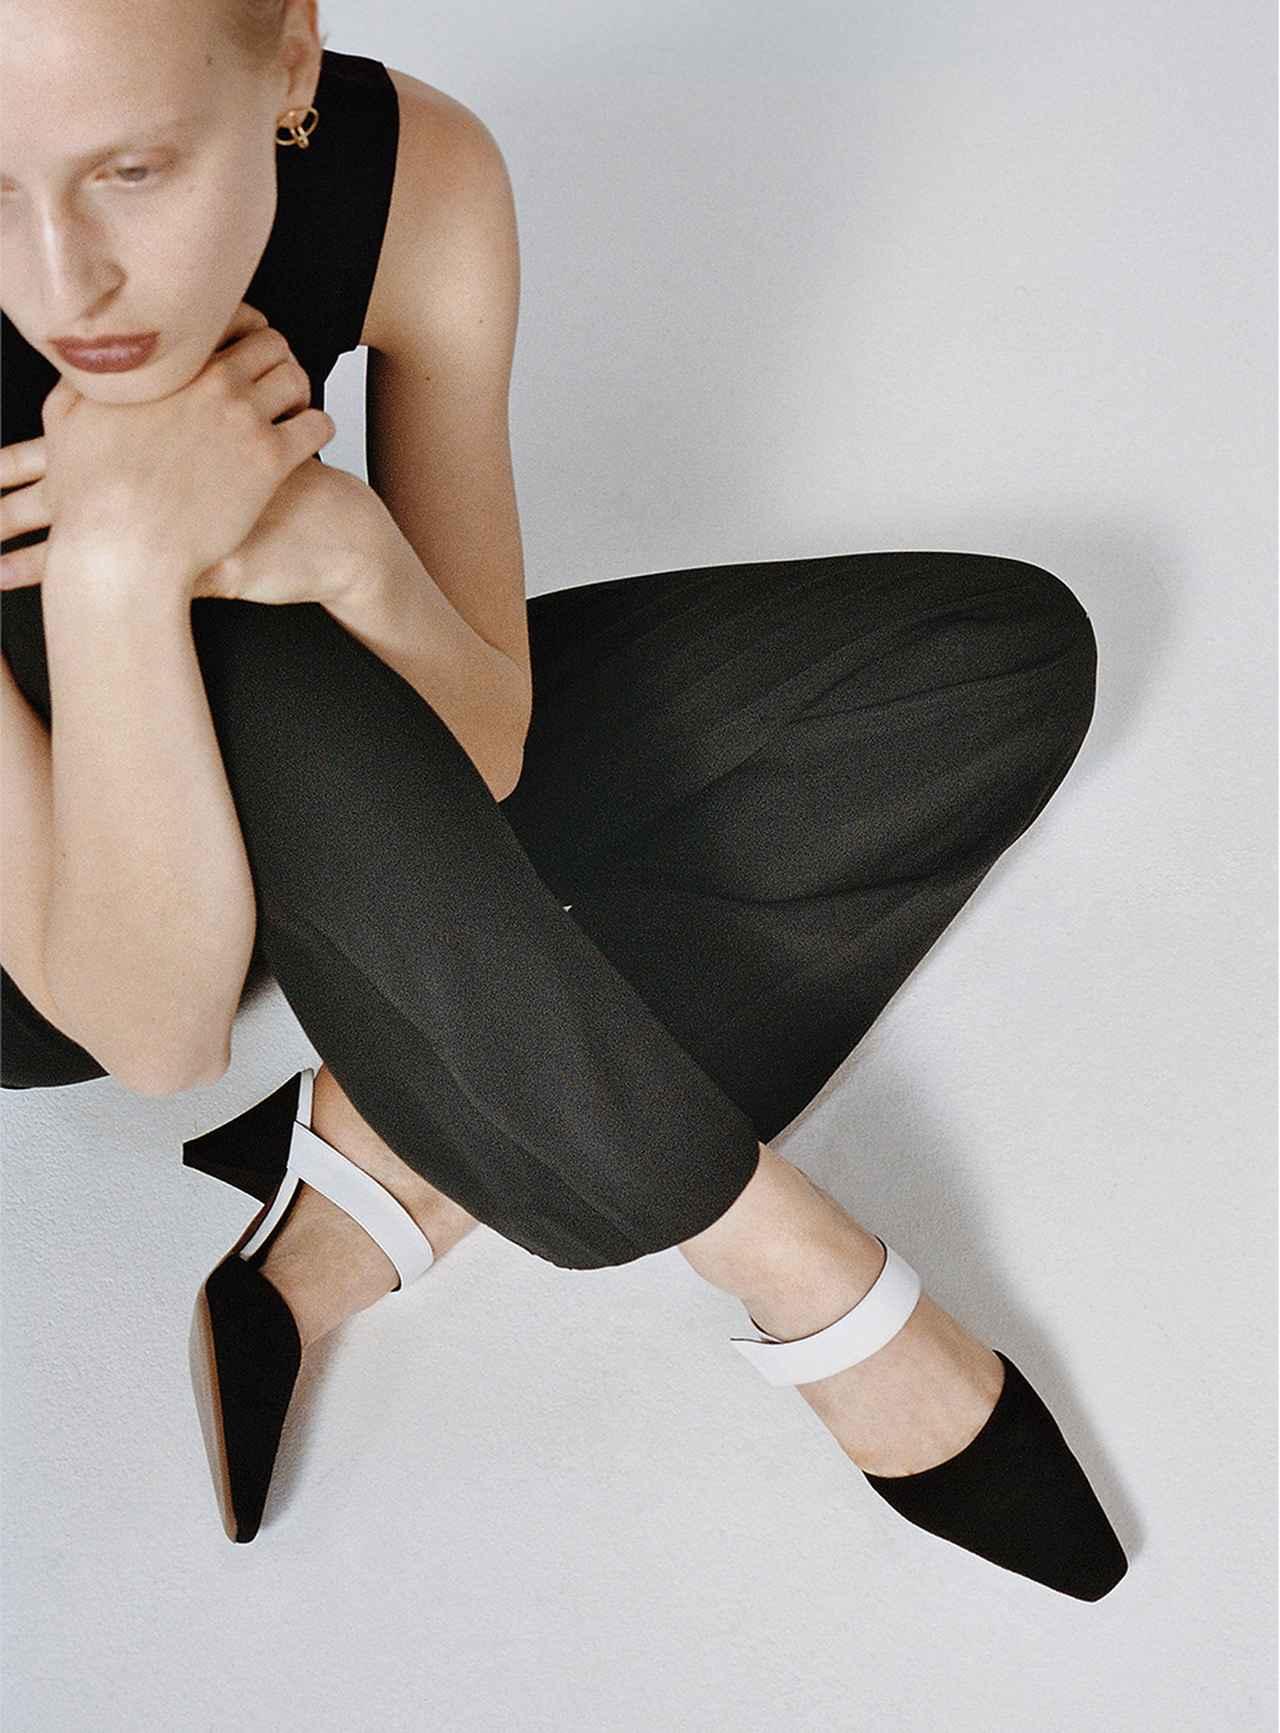 Images : 7番目の画像 - 「蘭をイメージした ミニマルなシューズブランド 「ネオアス」」のアルバム - T JAPAN:The New York Times Style Magazine 公式サイト